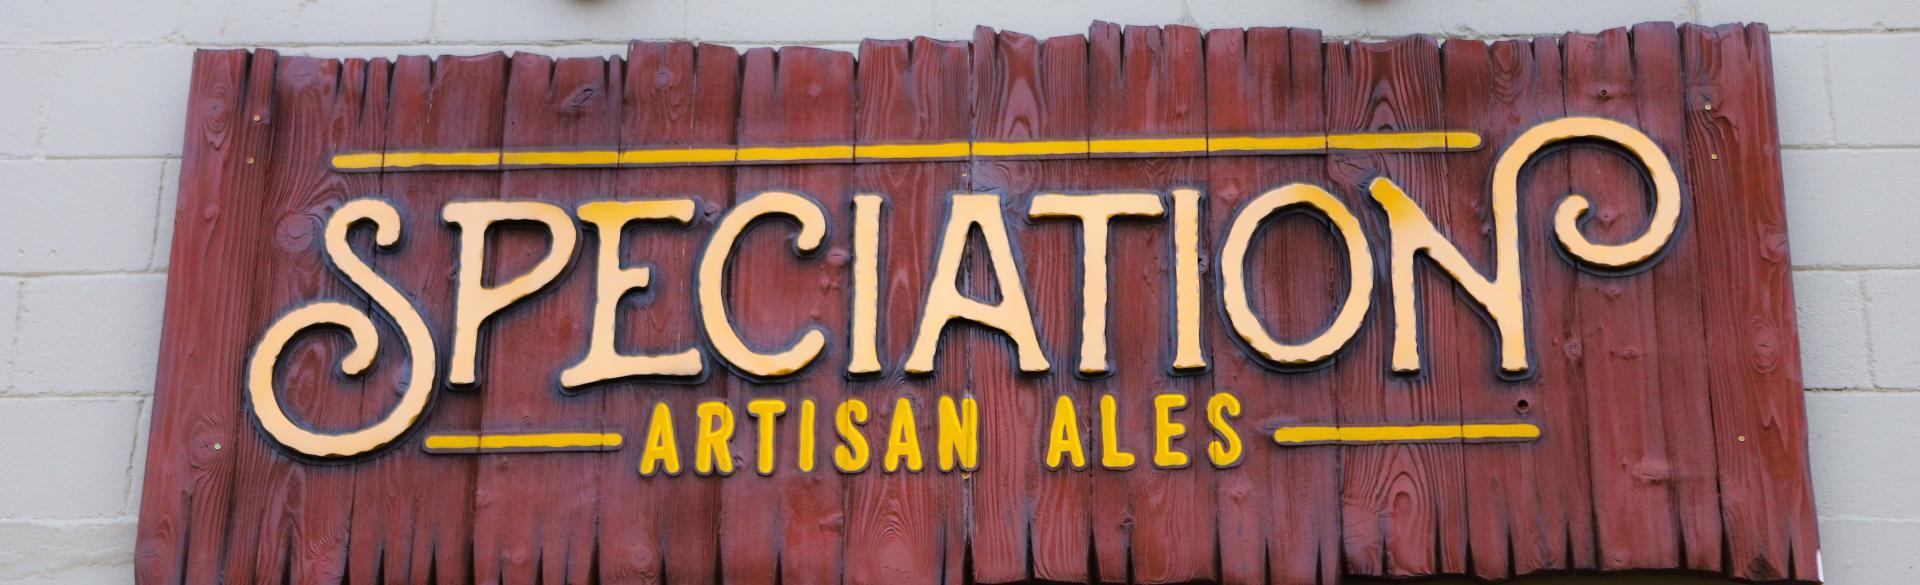 Speciation Artisan Ales sign